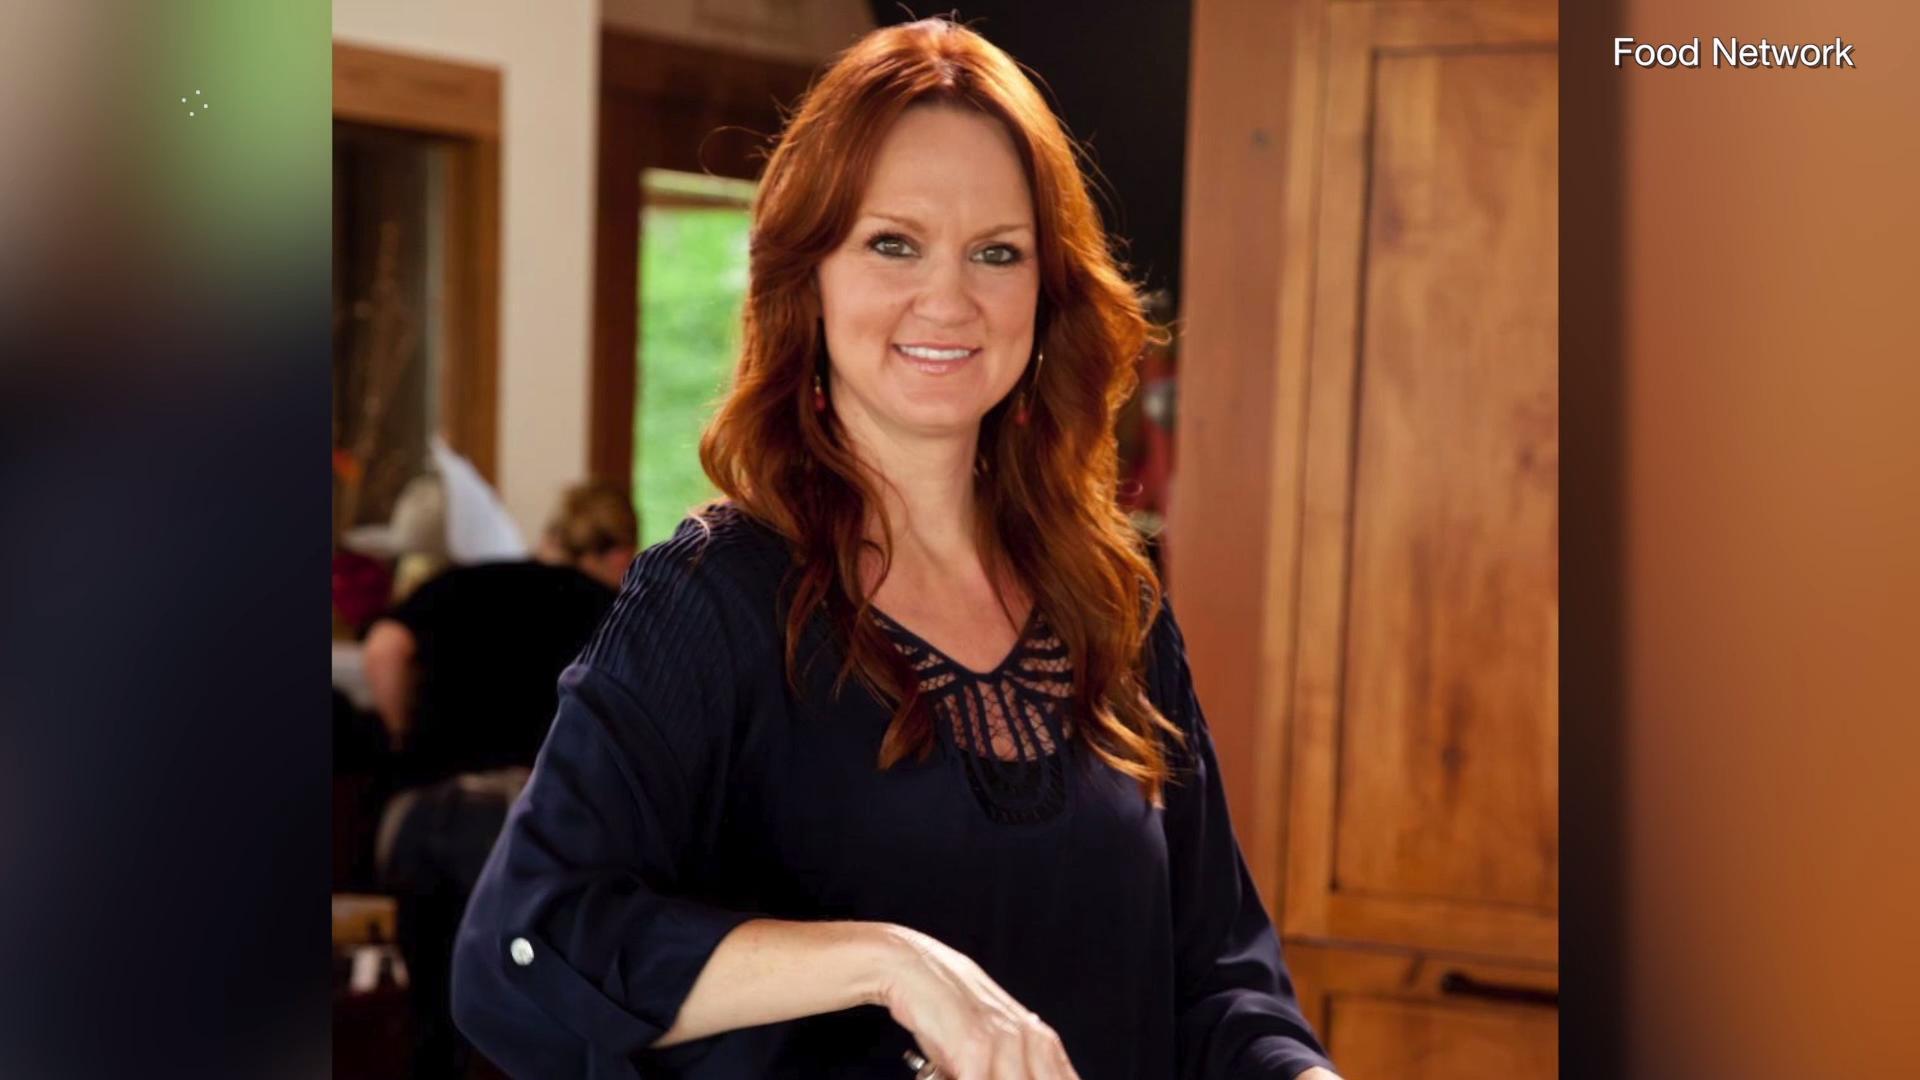 Pioneer Woman Food Network Star